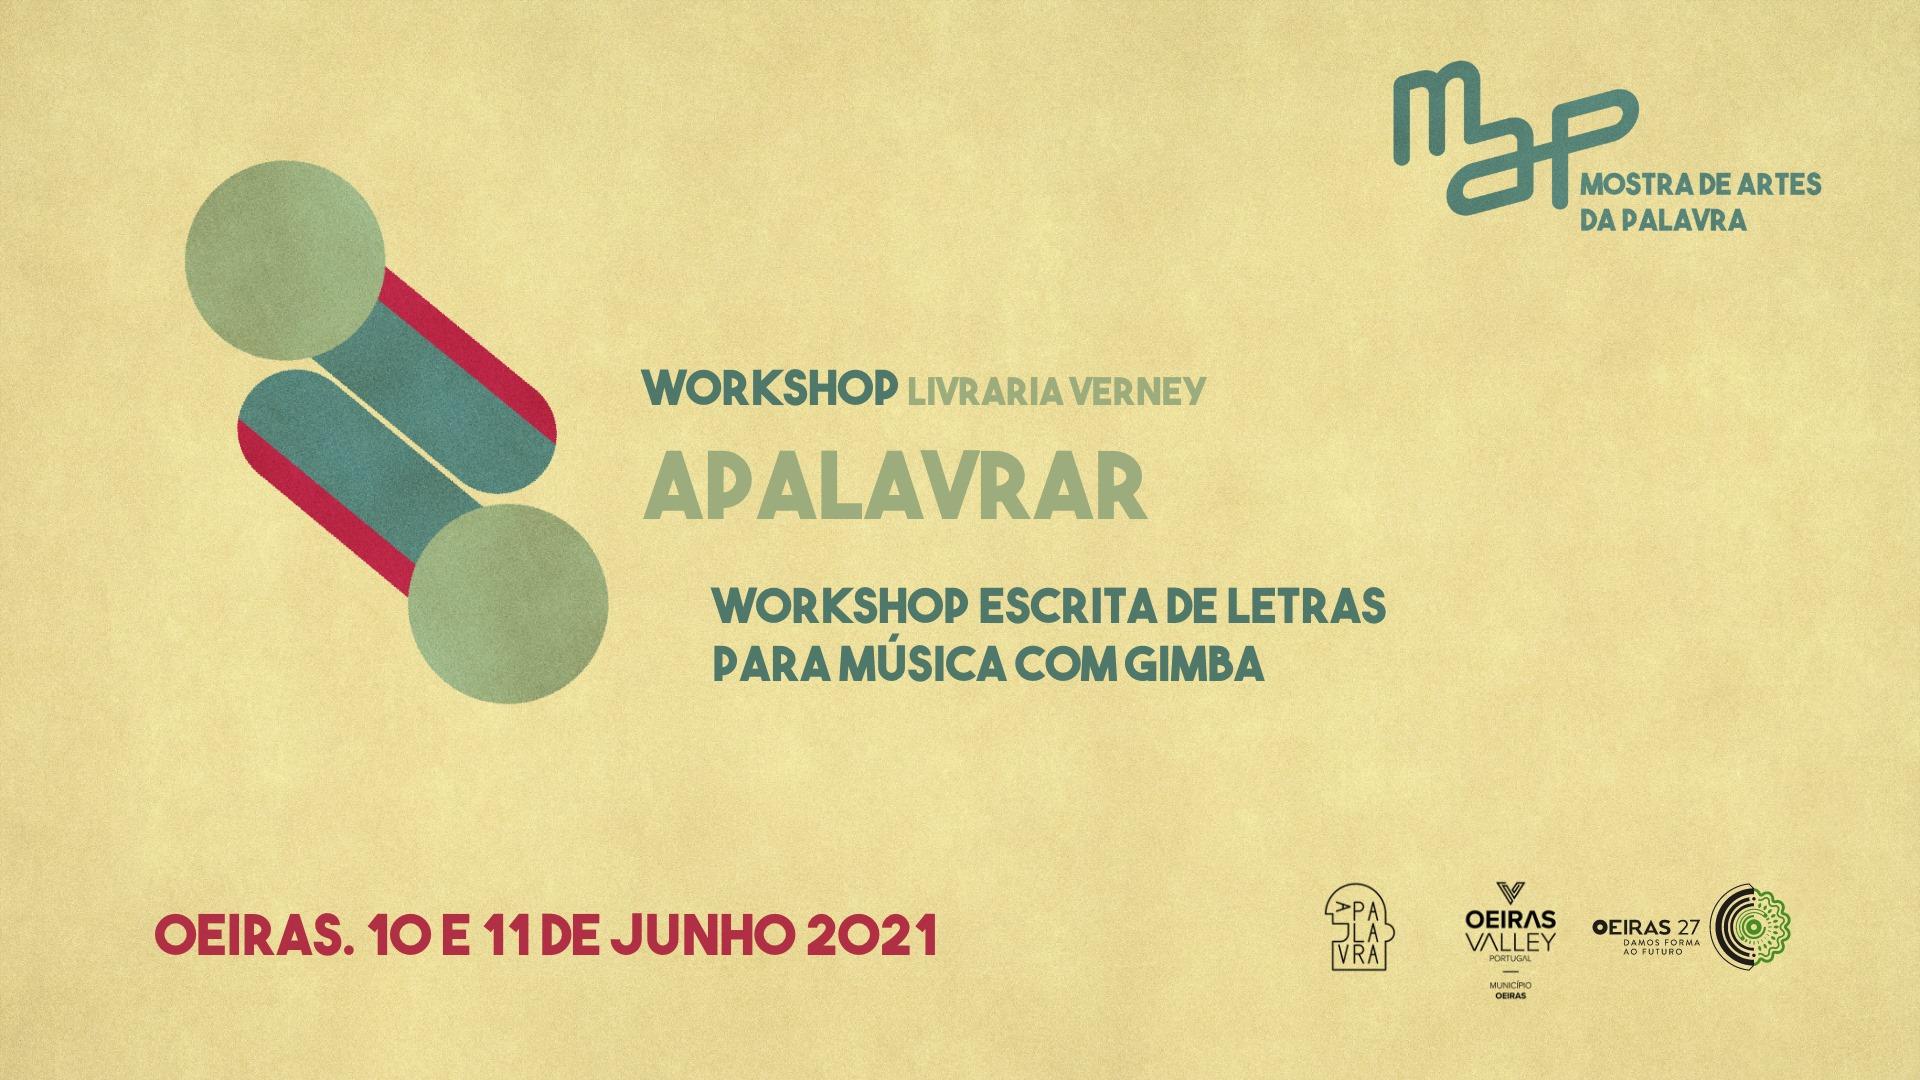 Workshop de Escrita de letras para música: Apalavrar